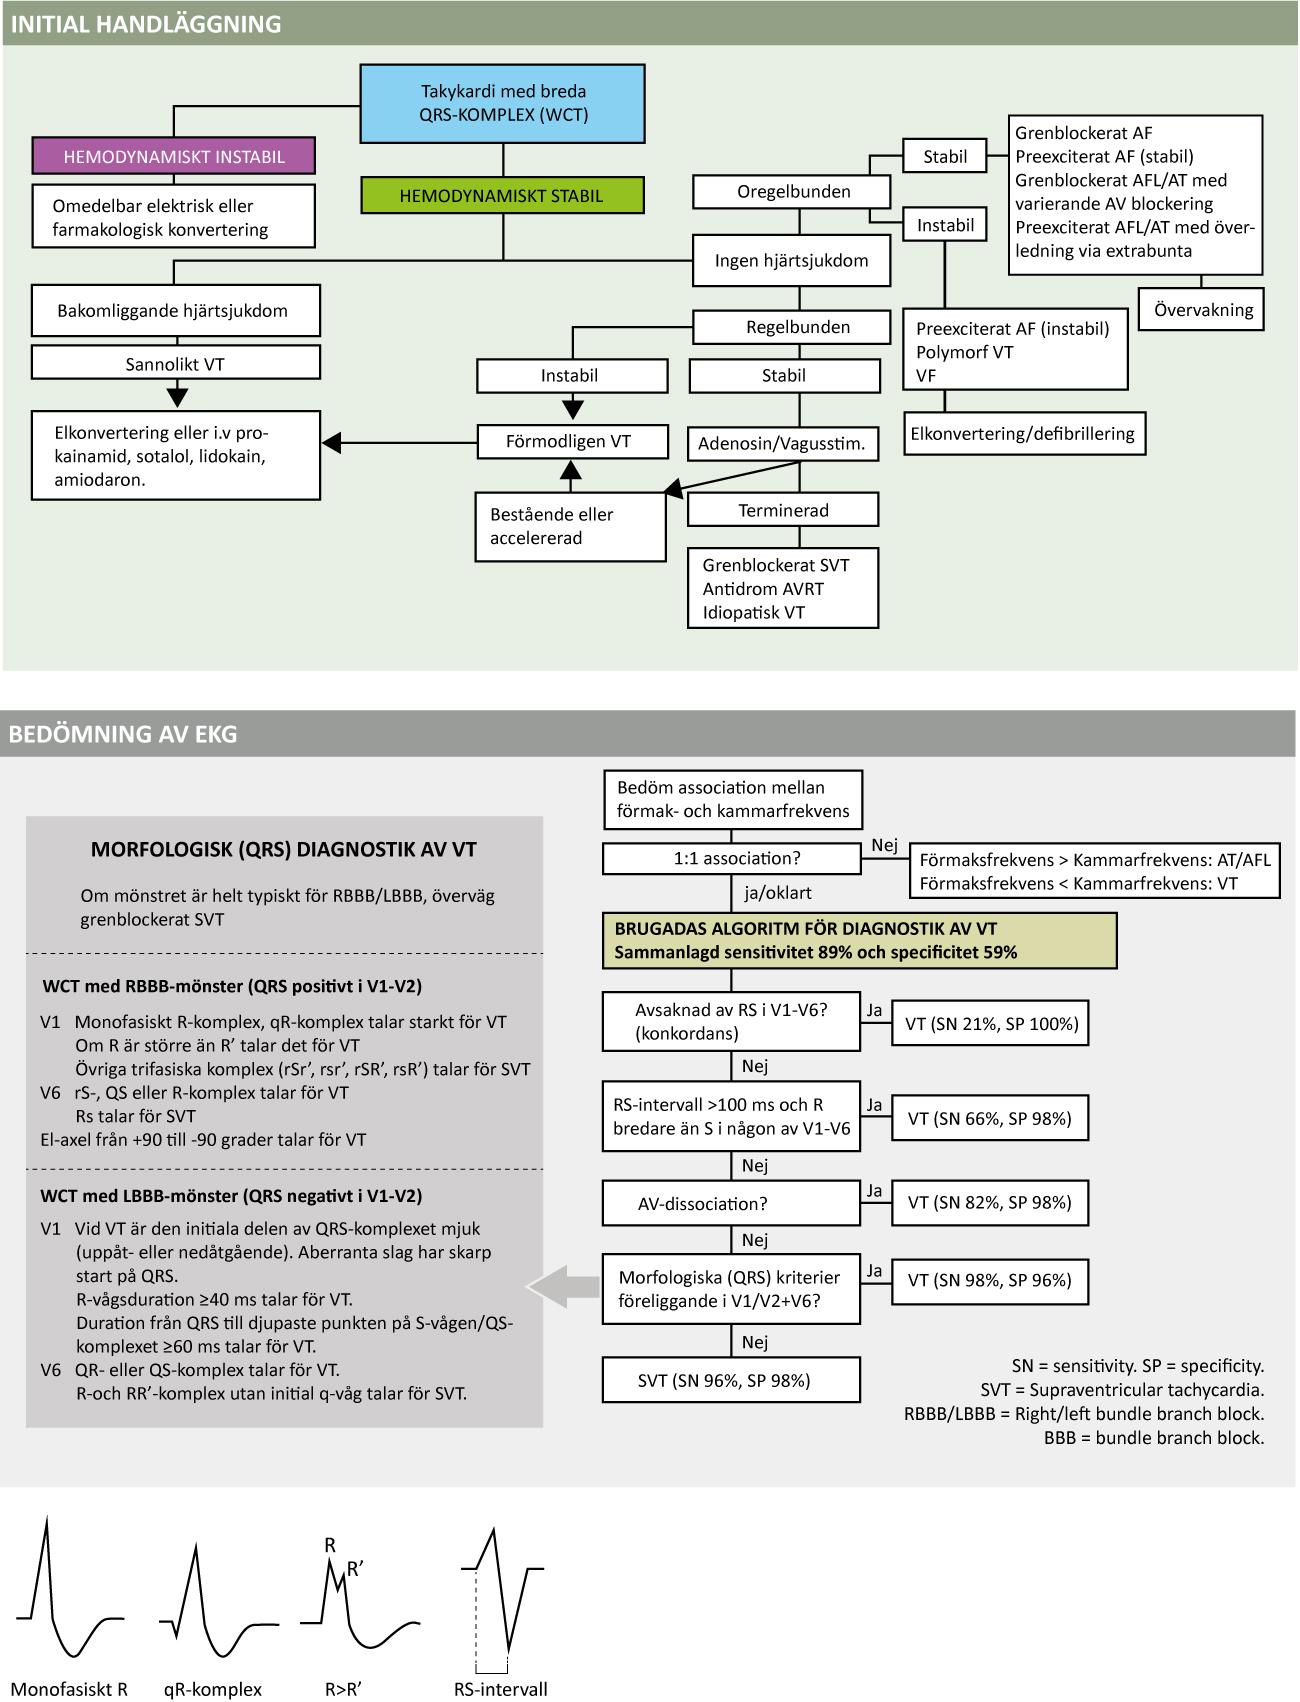 Figur 62. Diagnostik och handläggning av takyarytmi med breda QRS-komplex.